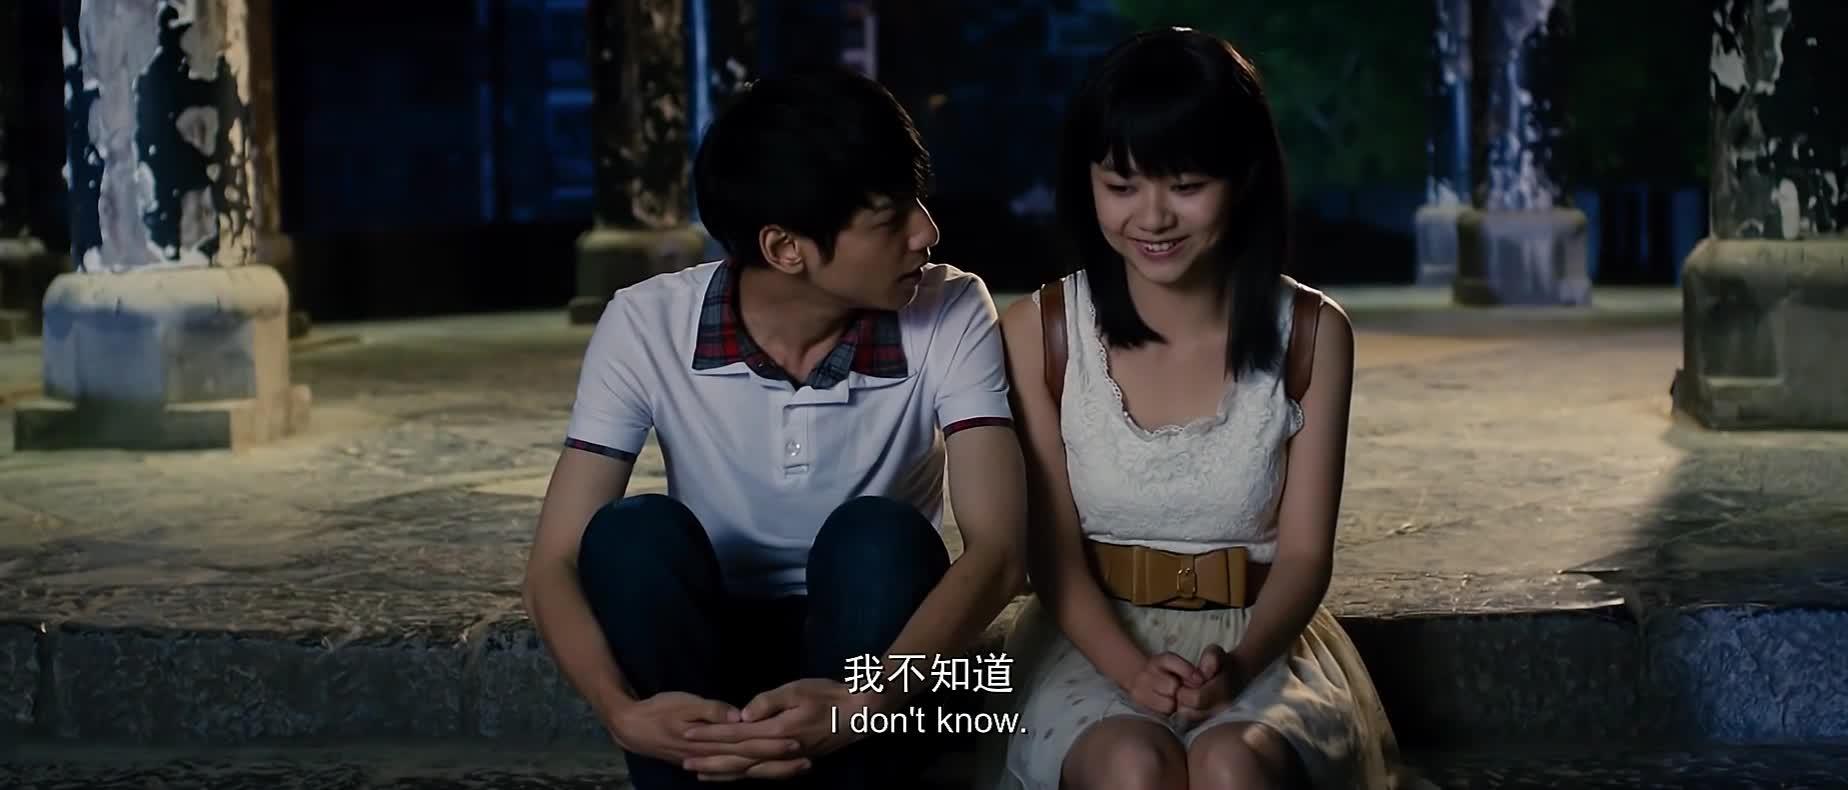 #经典看电影#情窦初开,甜蜜亲吻,初恋好懵懂啊